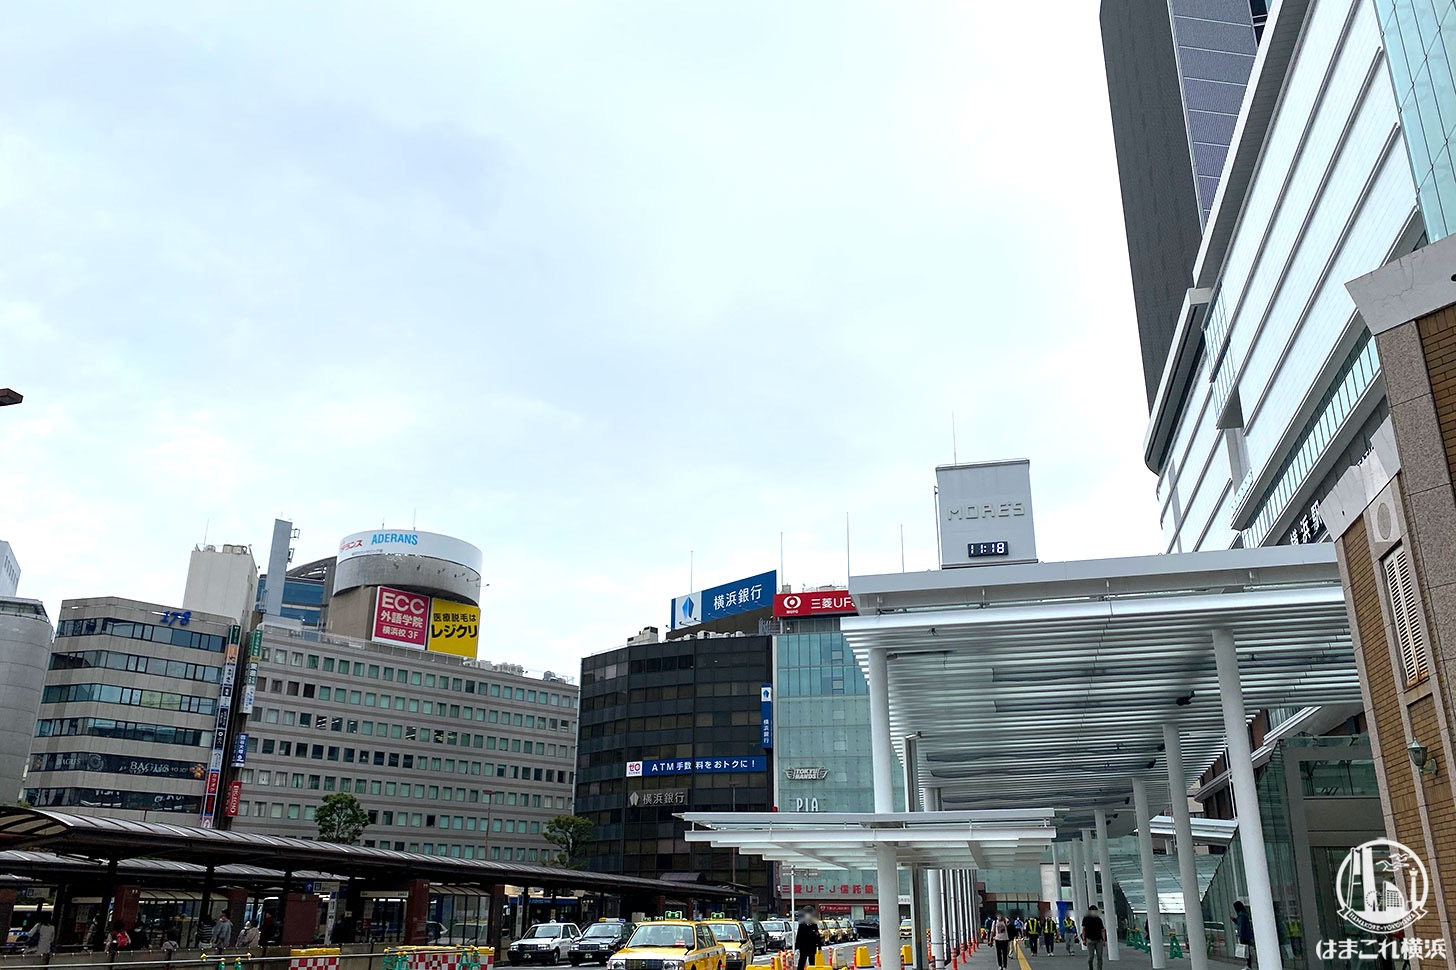 駅前広場の屋根